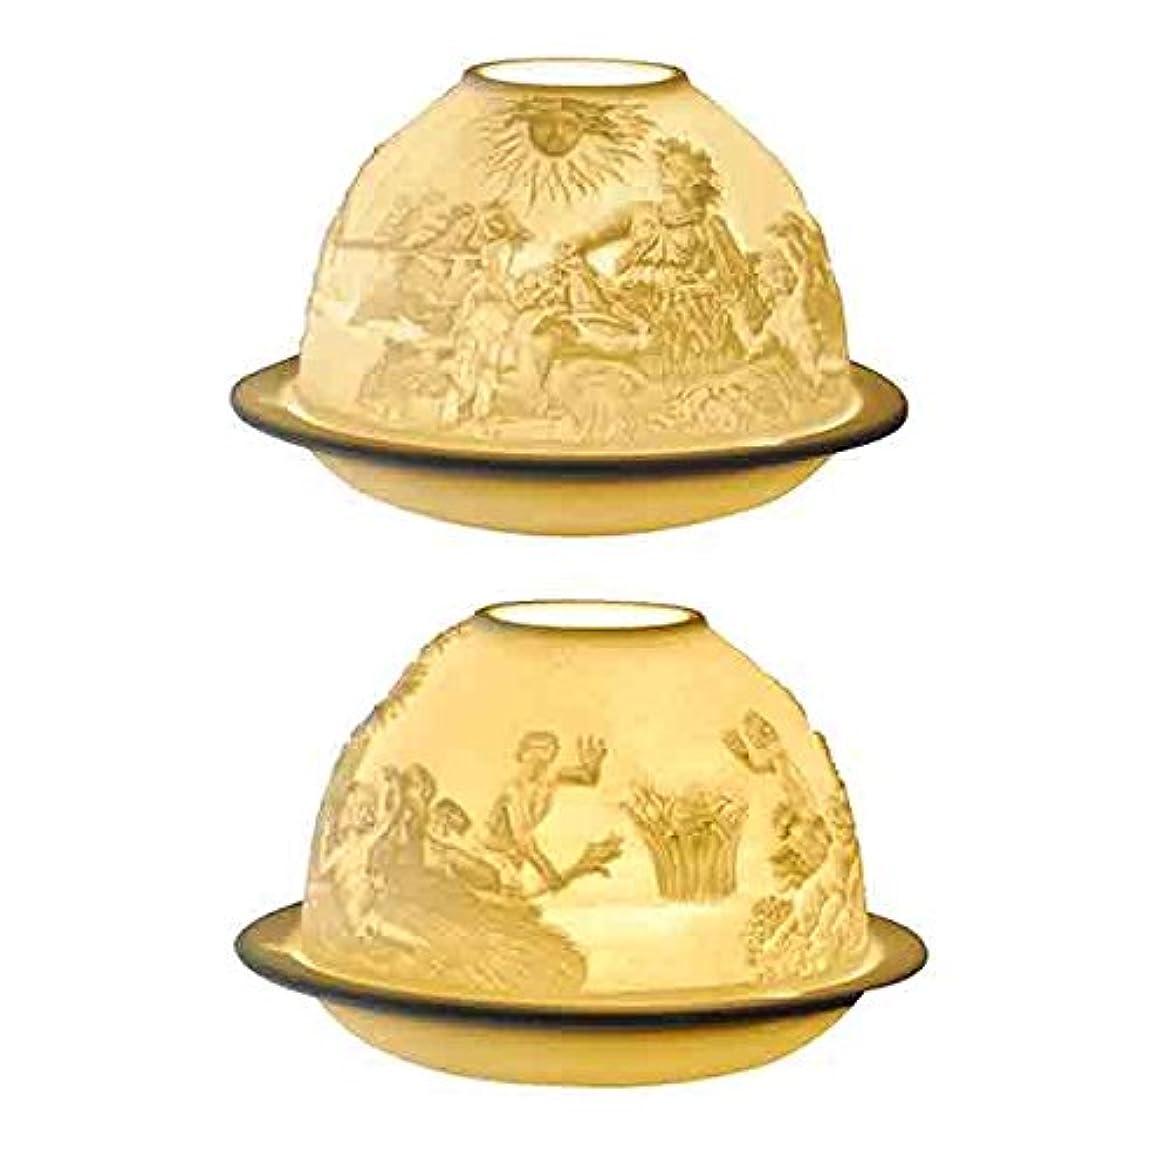 共同選択ご近所説教するベルナルド[BERNARDAUD] キャンドル用リトファニー ランプ 「ヴェルサイユ宮殿の大噴水」フランス製 リモージュ